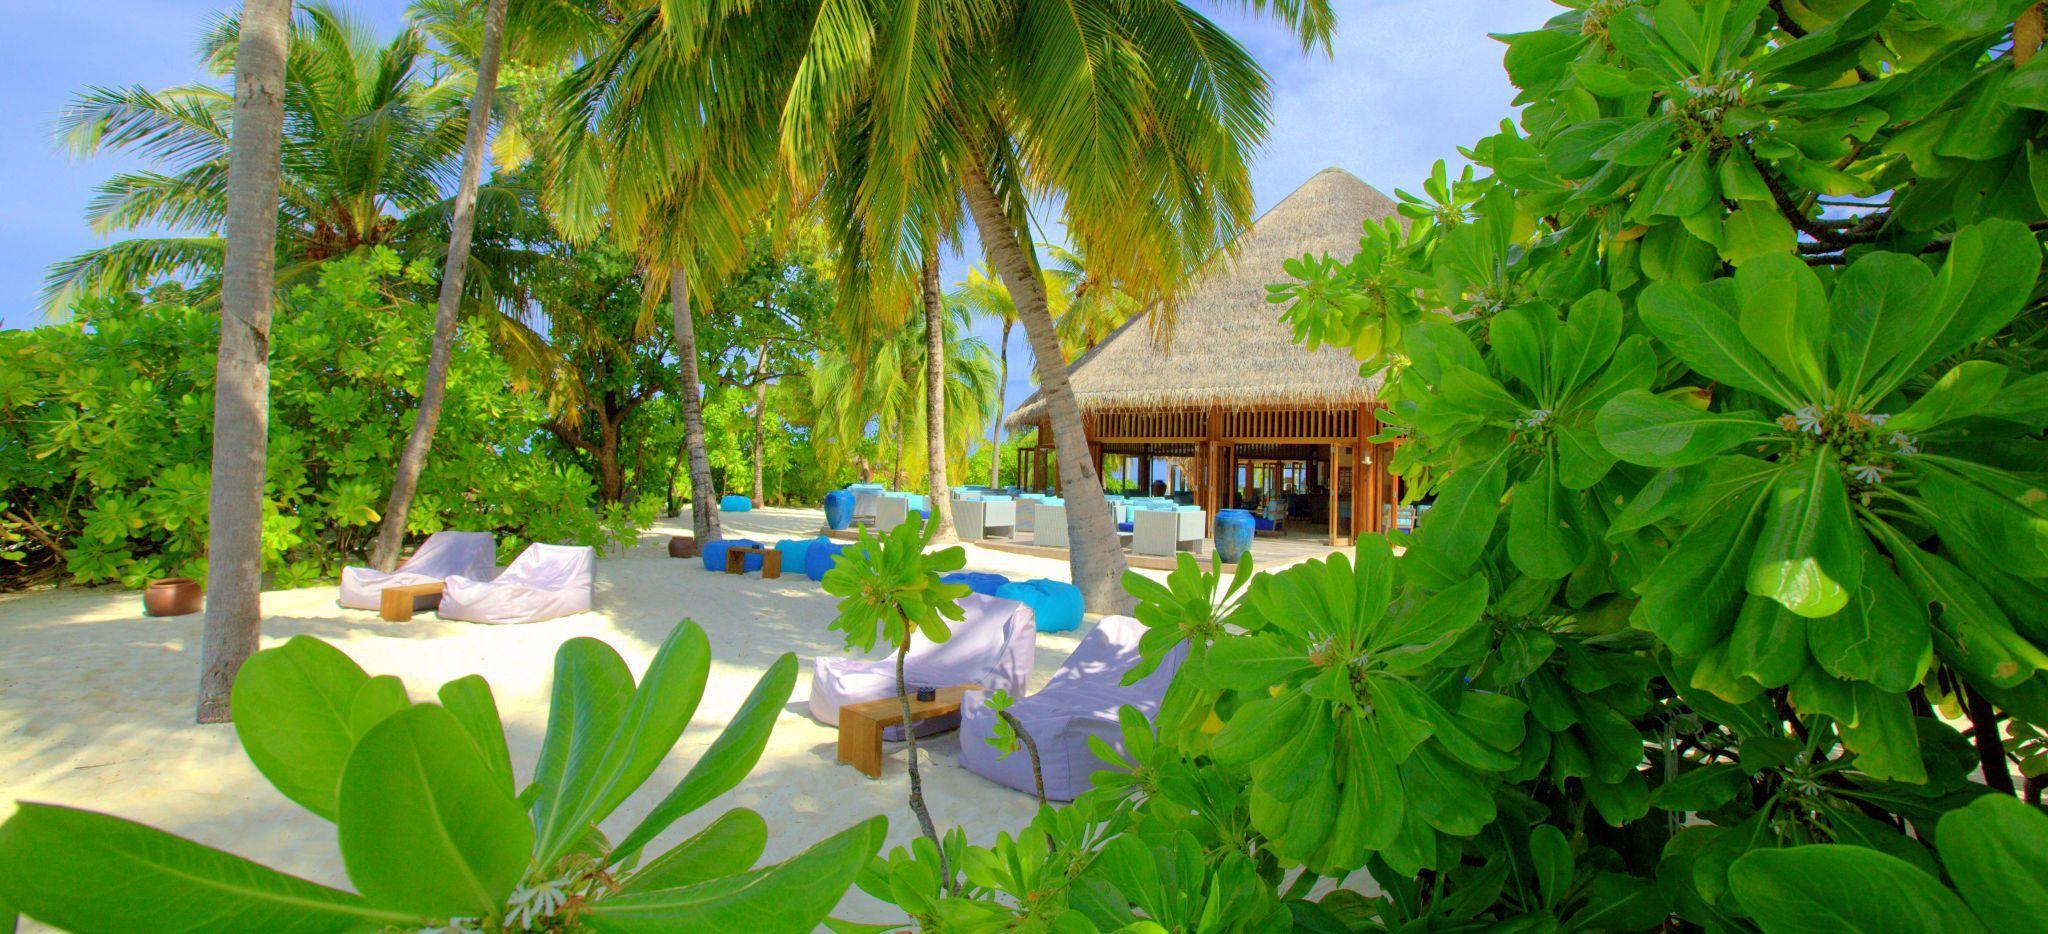 Eine Hütte im Dschungel der Malediveninsel Mirihi, darin eine Bar